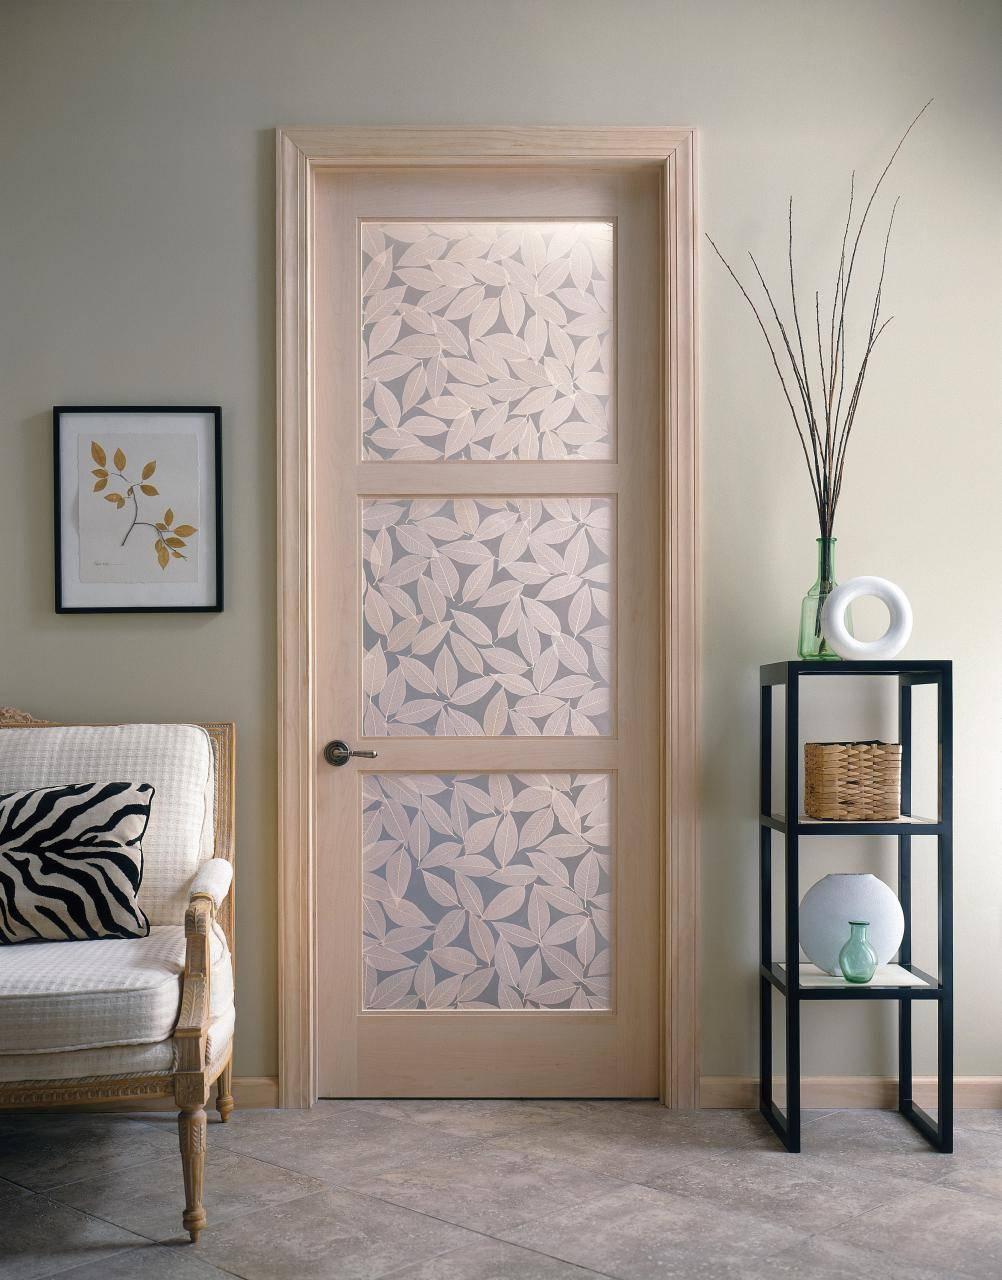 Как отреставрировать старую межкомнатную дверь своими руками в домашних условиях - видео инструкция